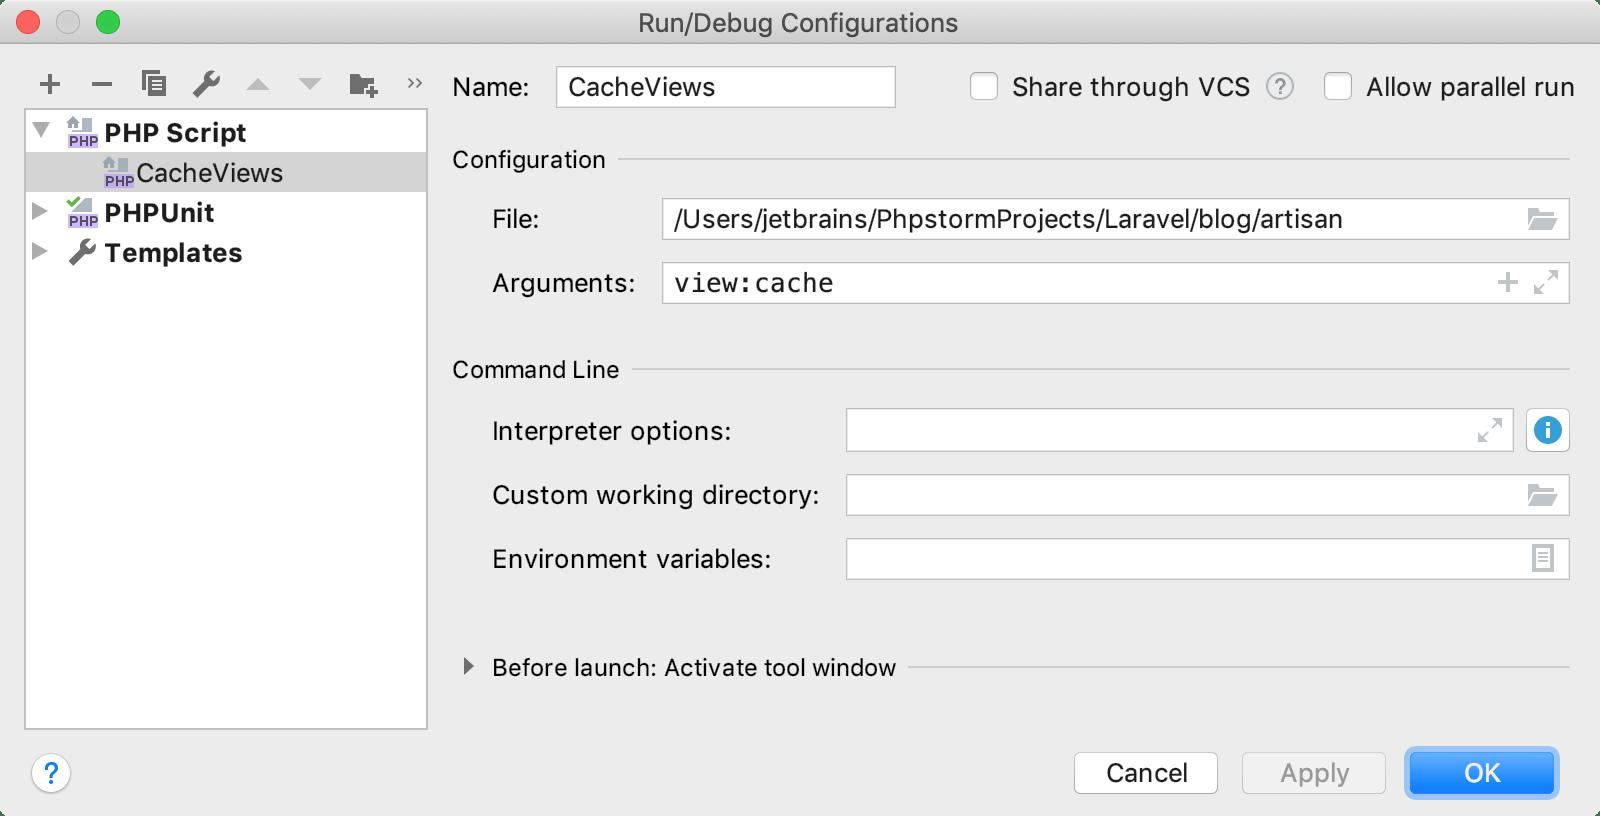 PHP Script run/debug configuration for Artisan